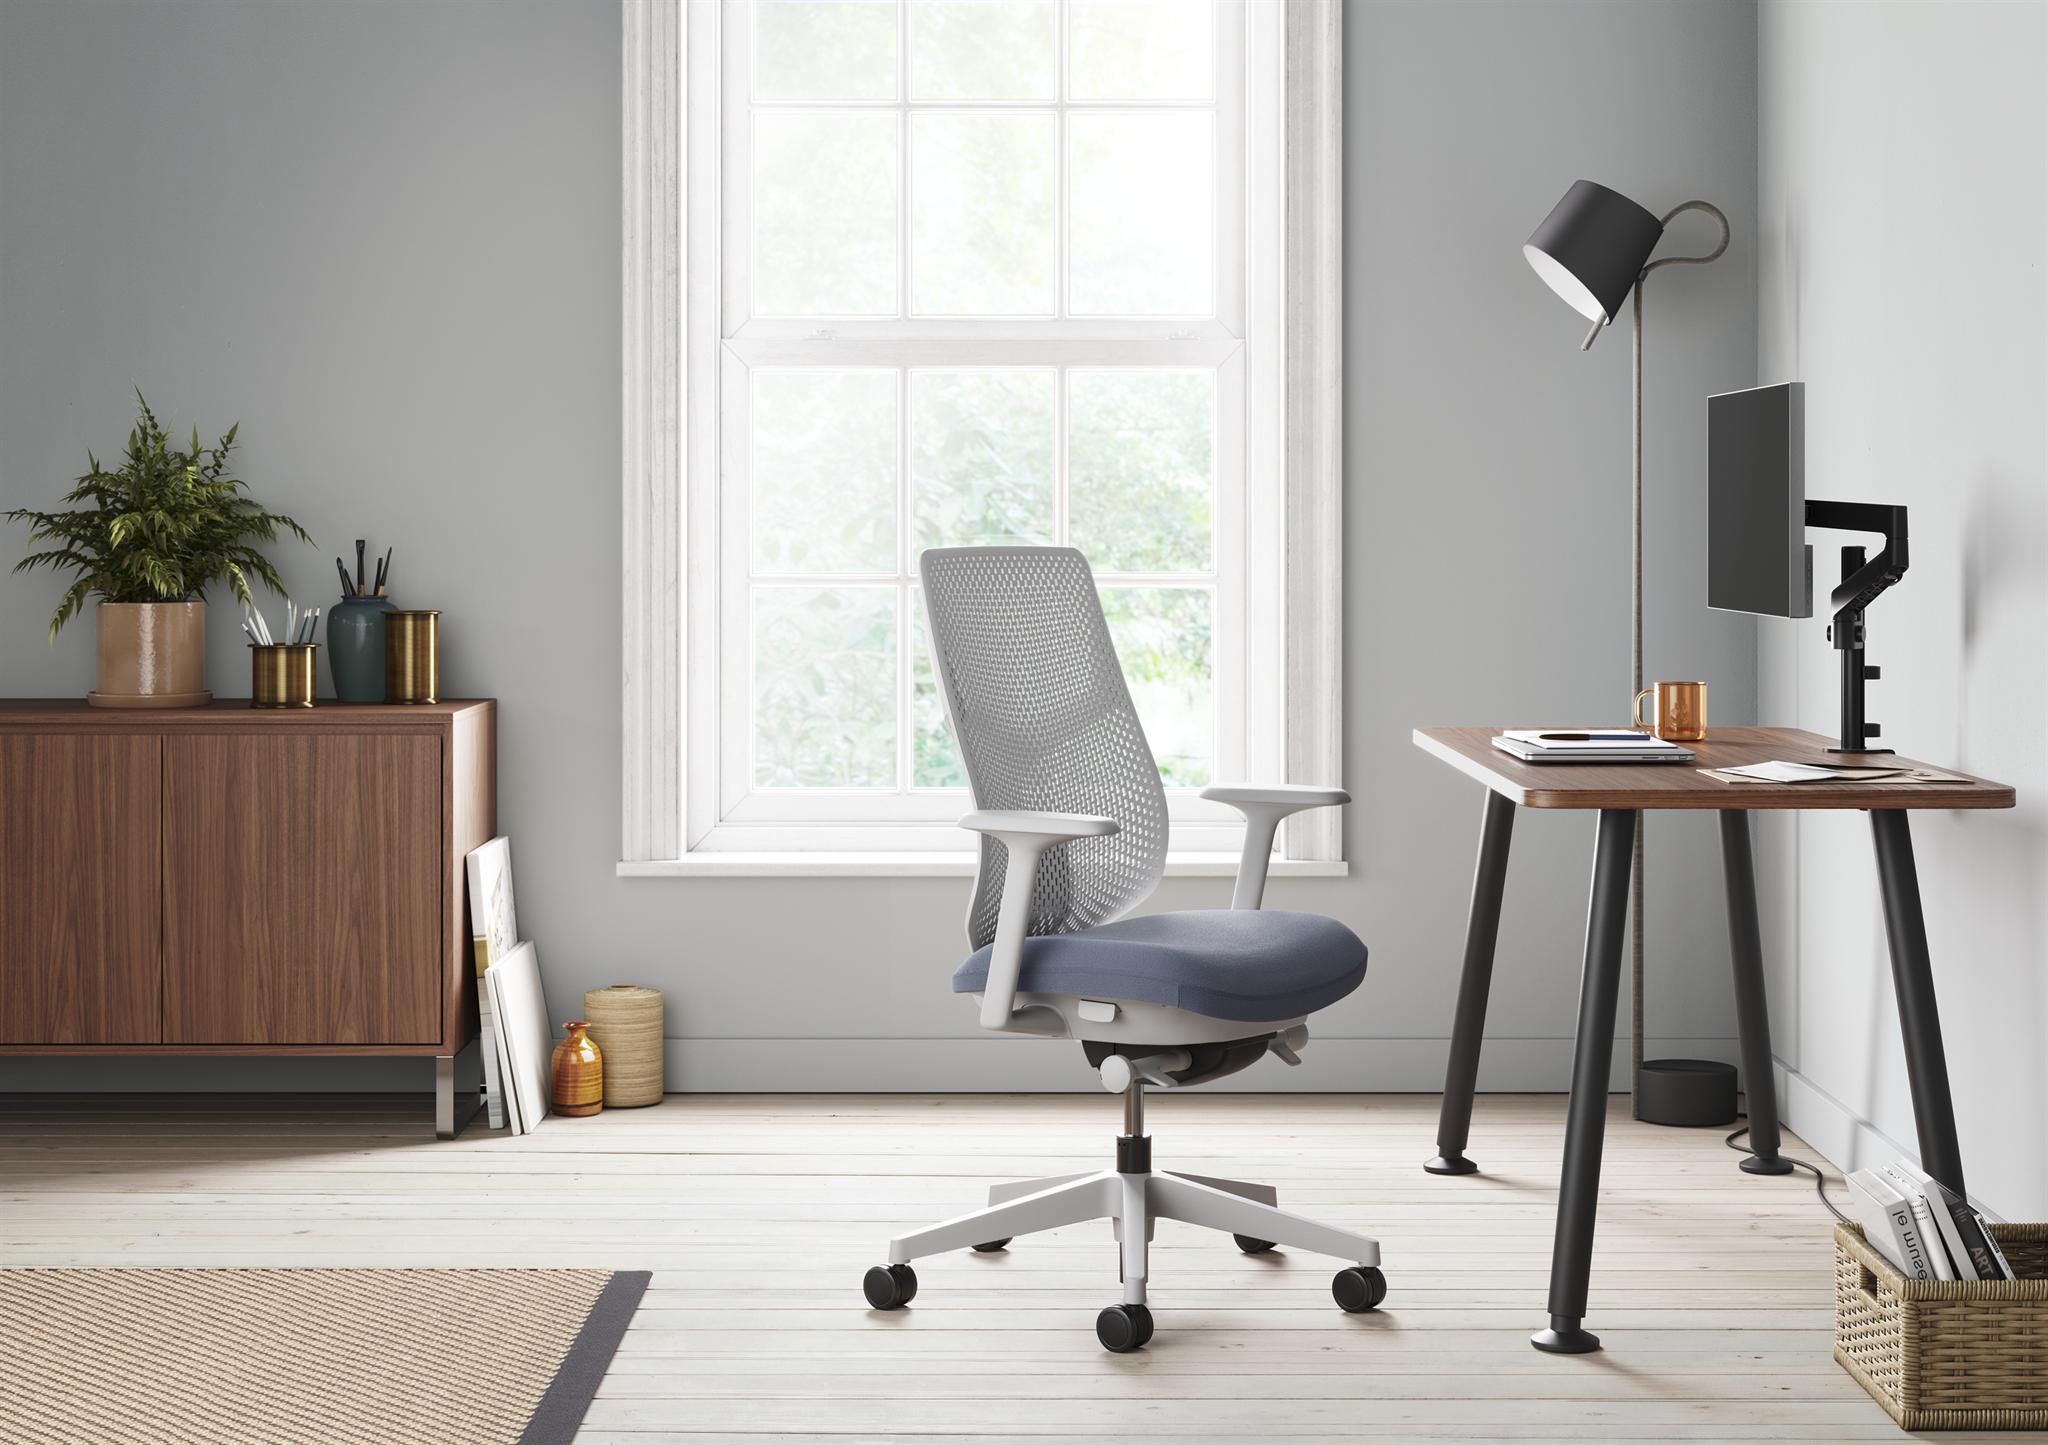 Krzesła i fotele biurowe Verus  - premiera Herman Miller na europejskim rynku